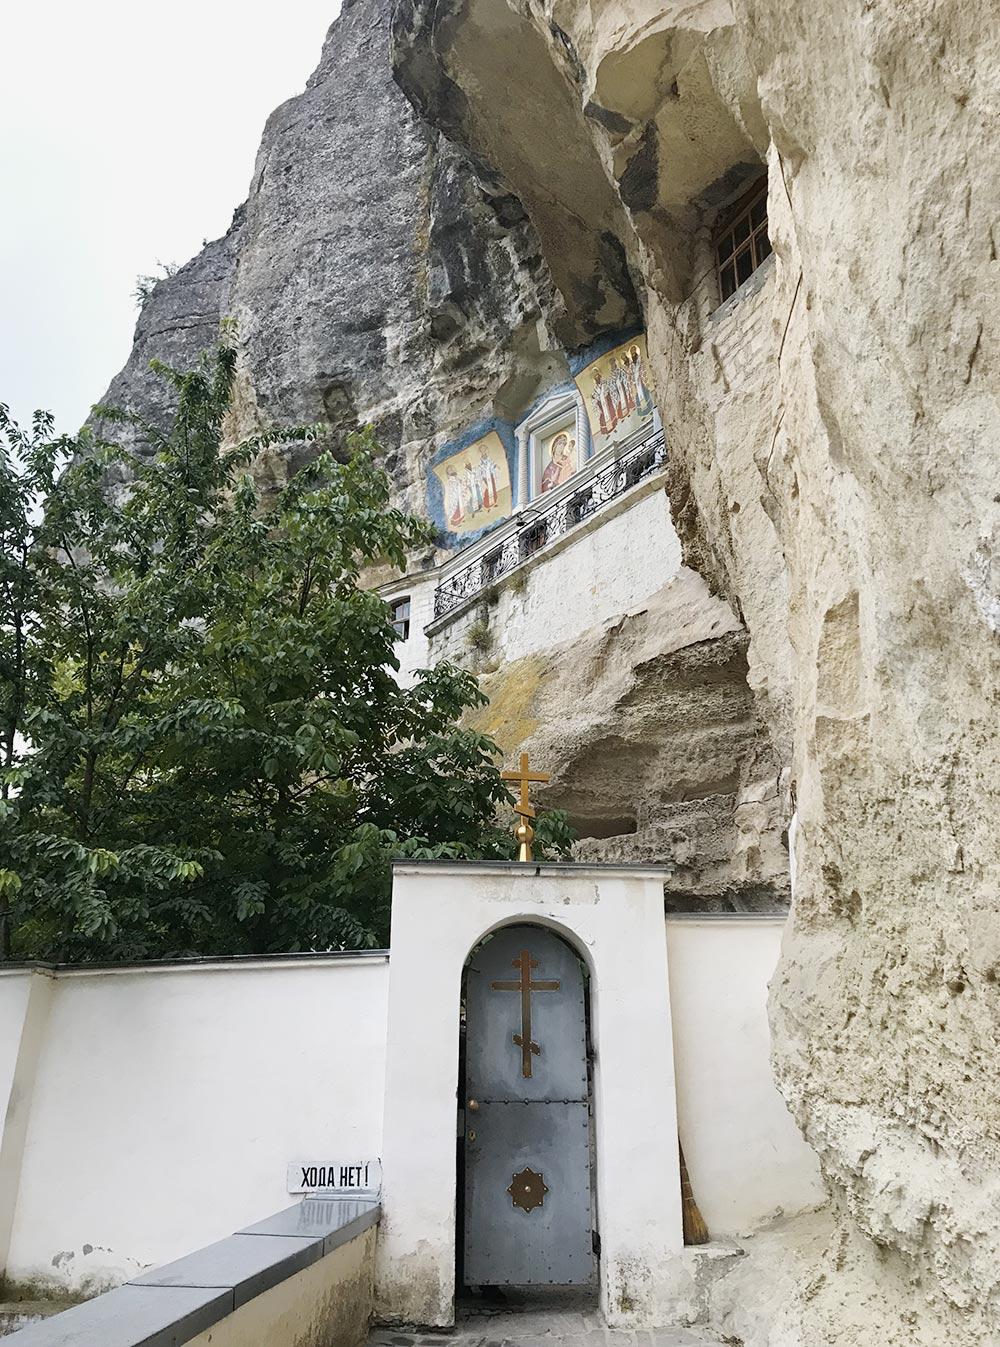 В монастыре было очень атмосферно. Мы набрали воды из святого источника, поставили свечки, насладились горной тишиной и звоном колоколов